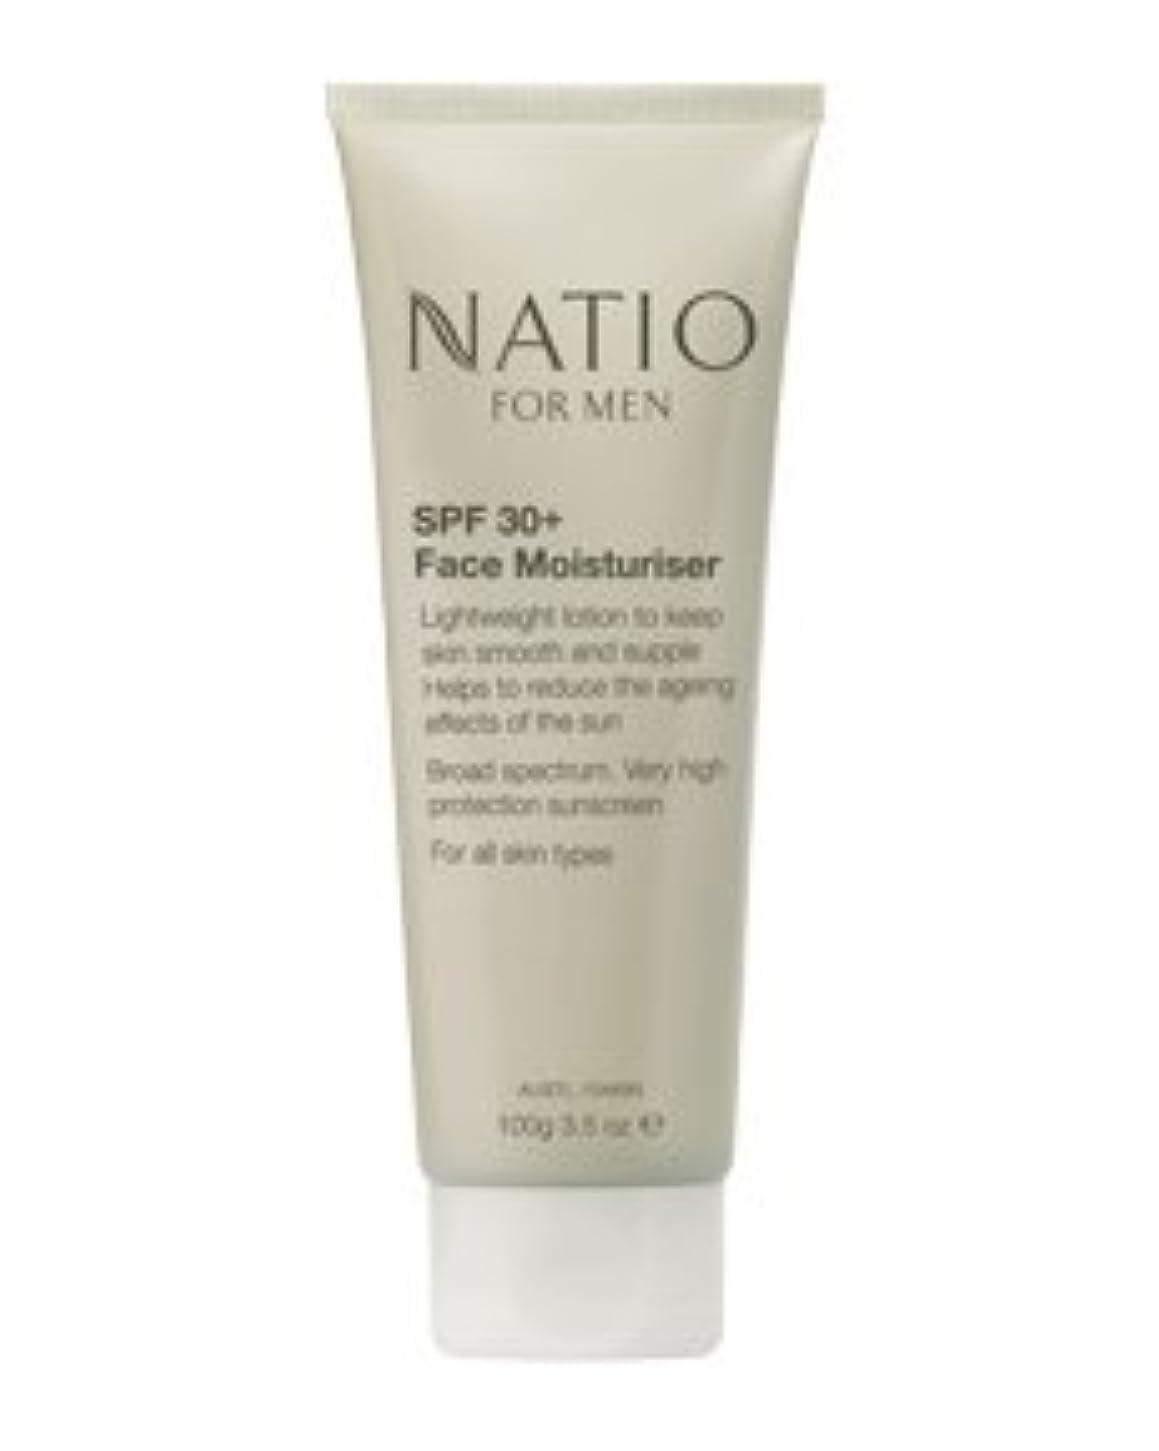 狭い海岸広げる【NATIO FOR MEN SPF 30+ Face Moisturiser】 ナティオ  SPF 30+ フェイス モイスチャライザー [海外直送品]